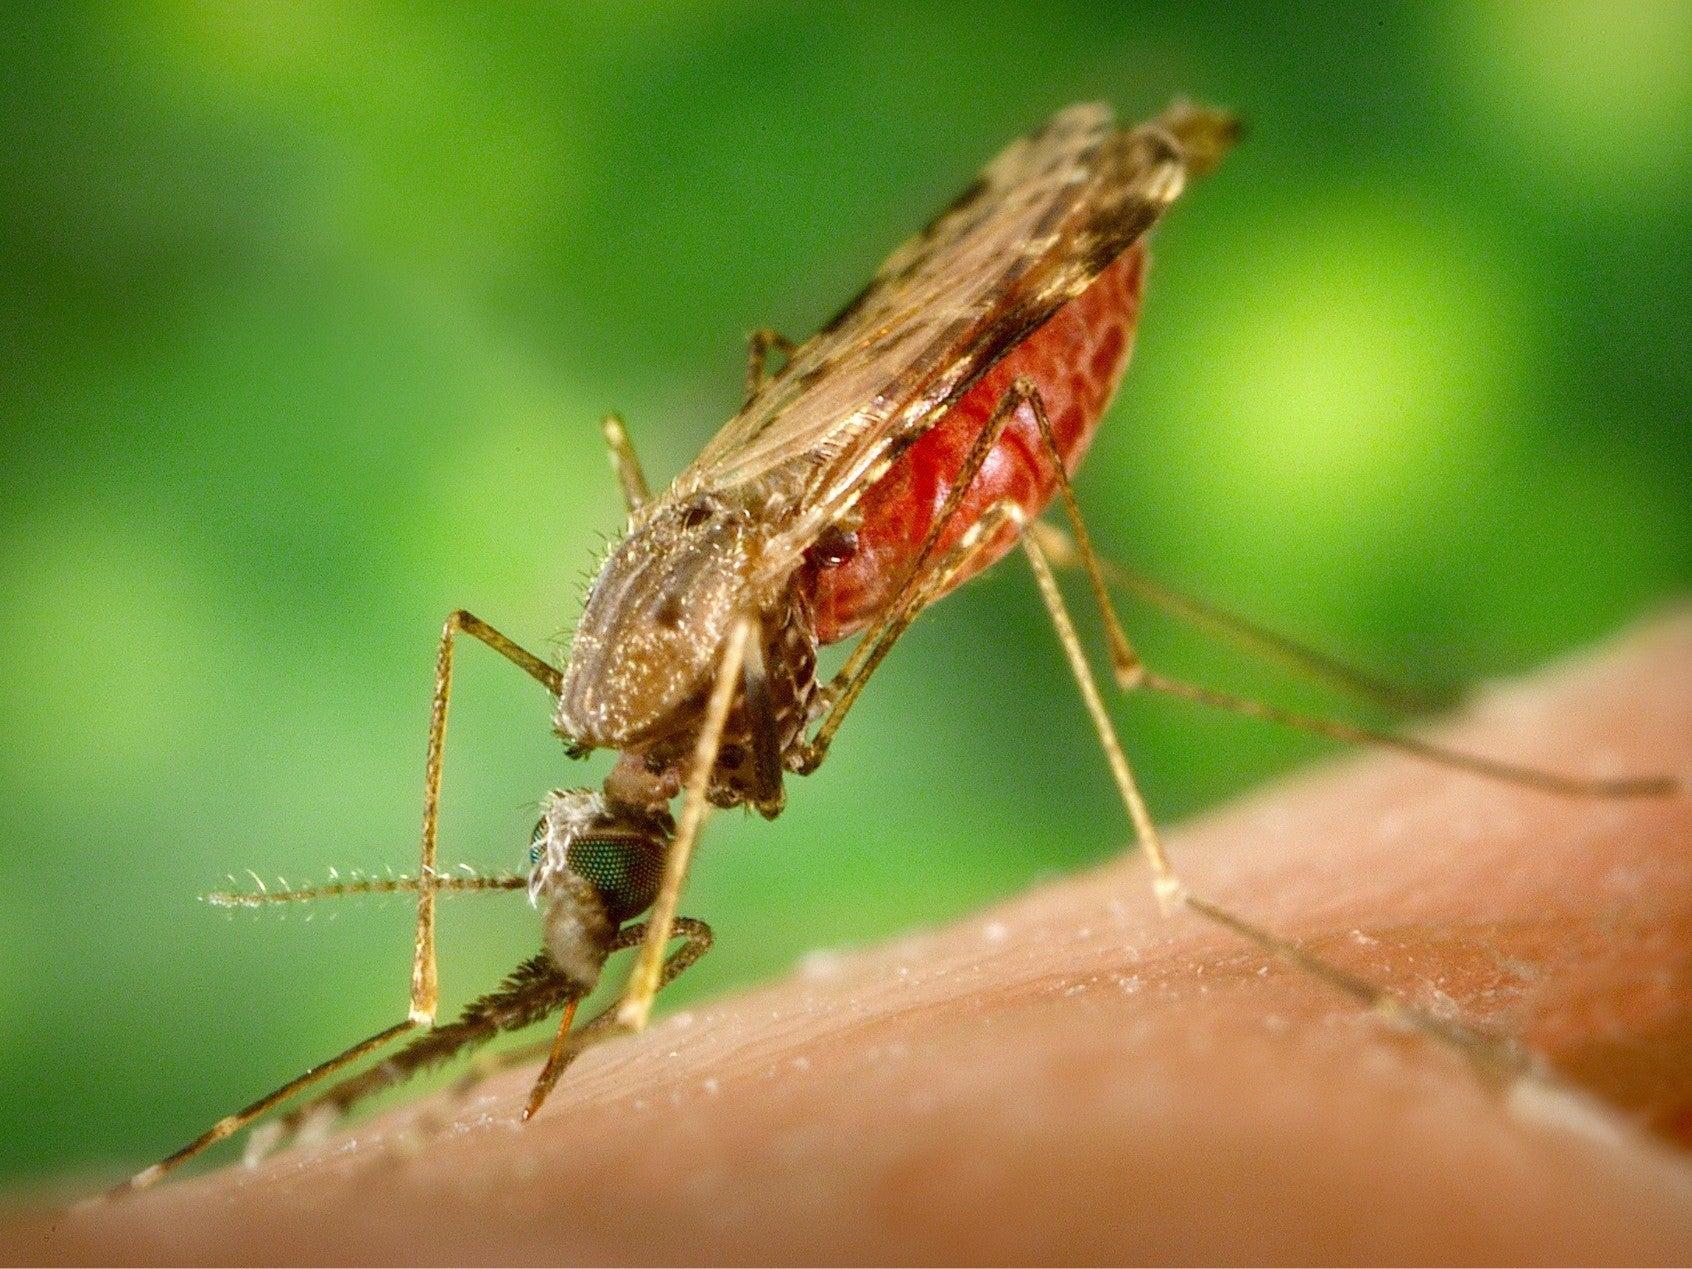 A closeup of a mosquito